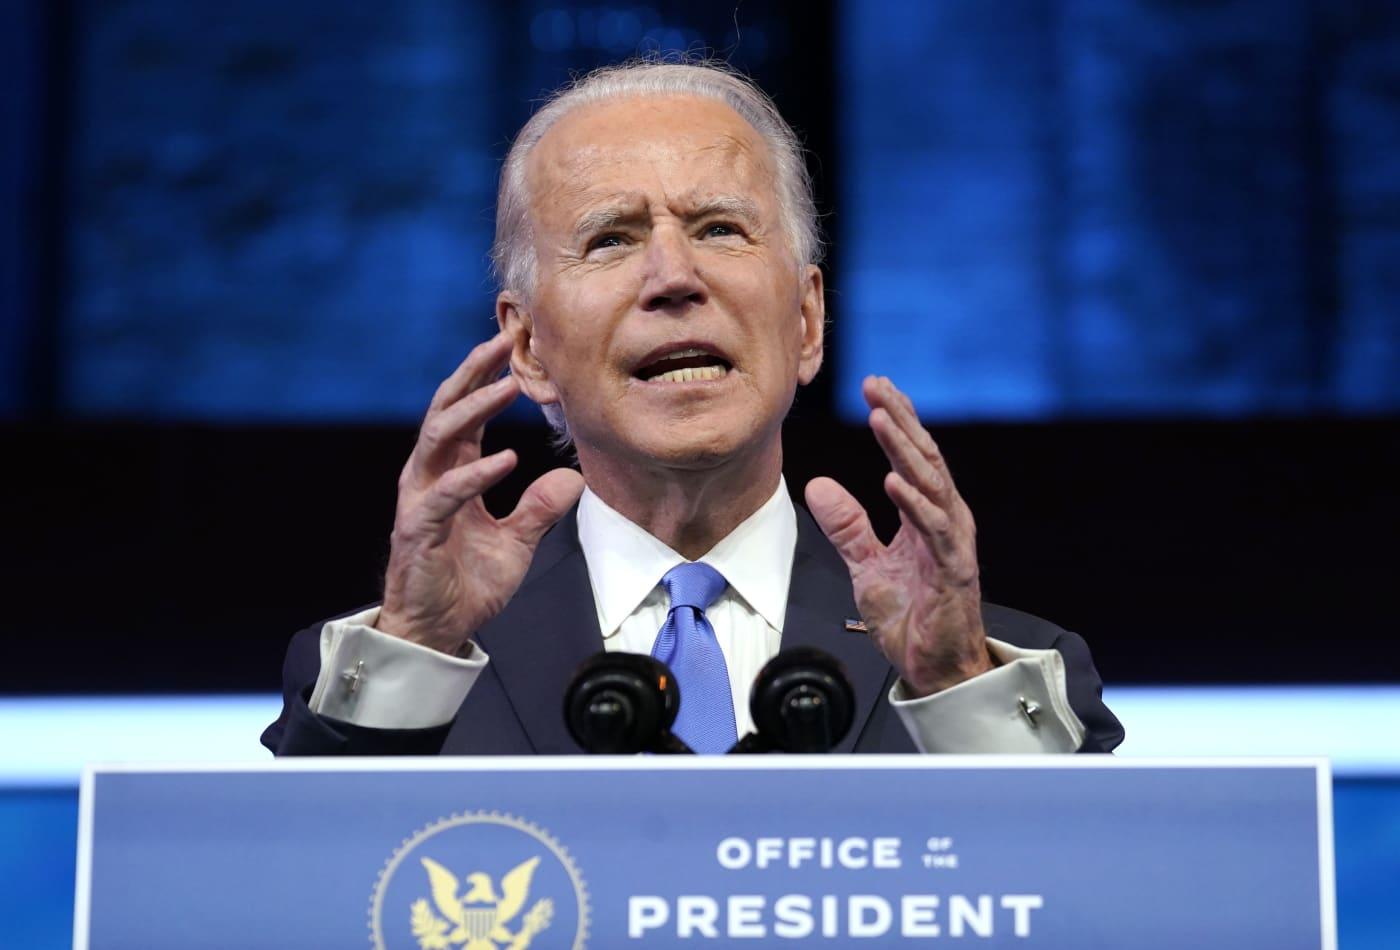 Here's what Biden's 'Buy American' effort entails